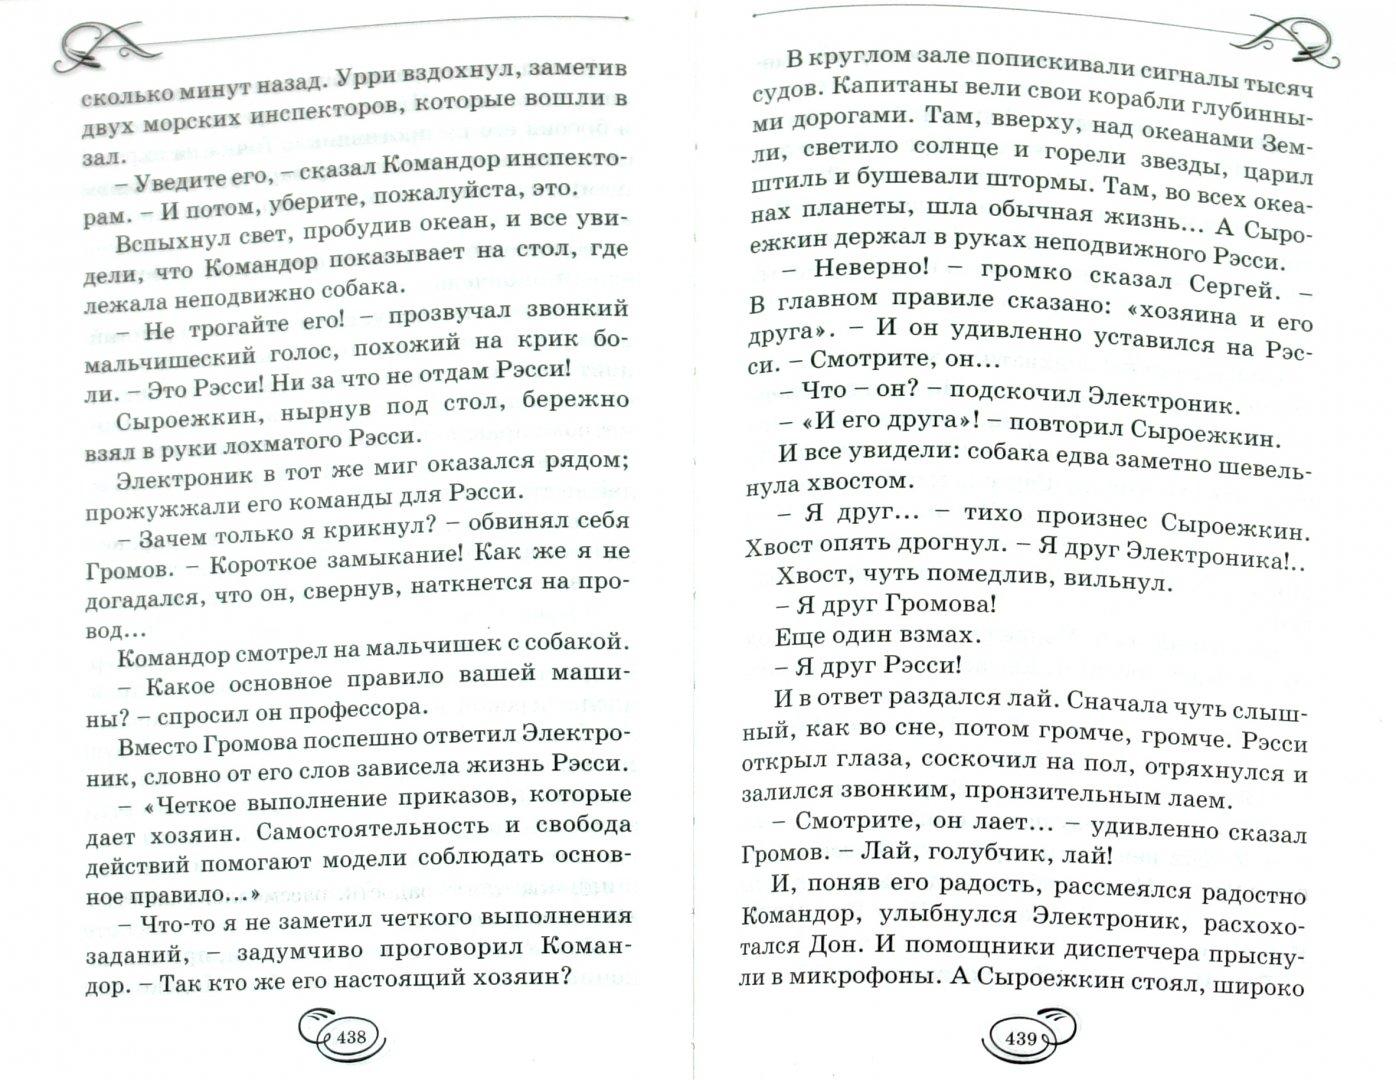 Иллюстрация 1 из 12 для Всё про Электроника - Евгений Велтистов | Лабиринт - книги. Источник: Лабиринт